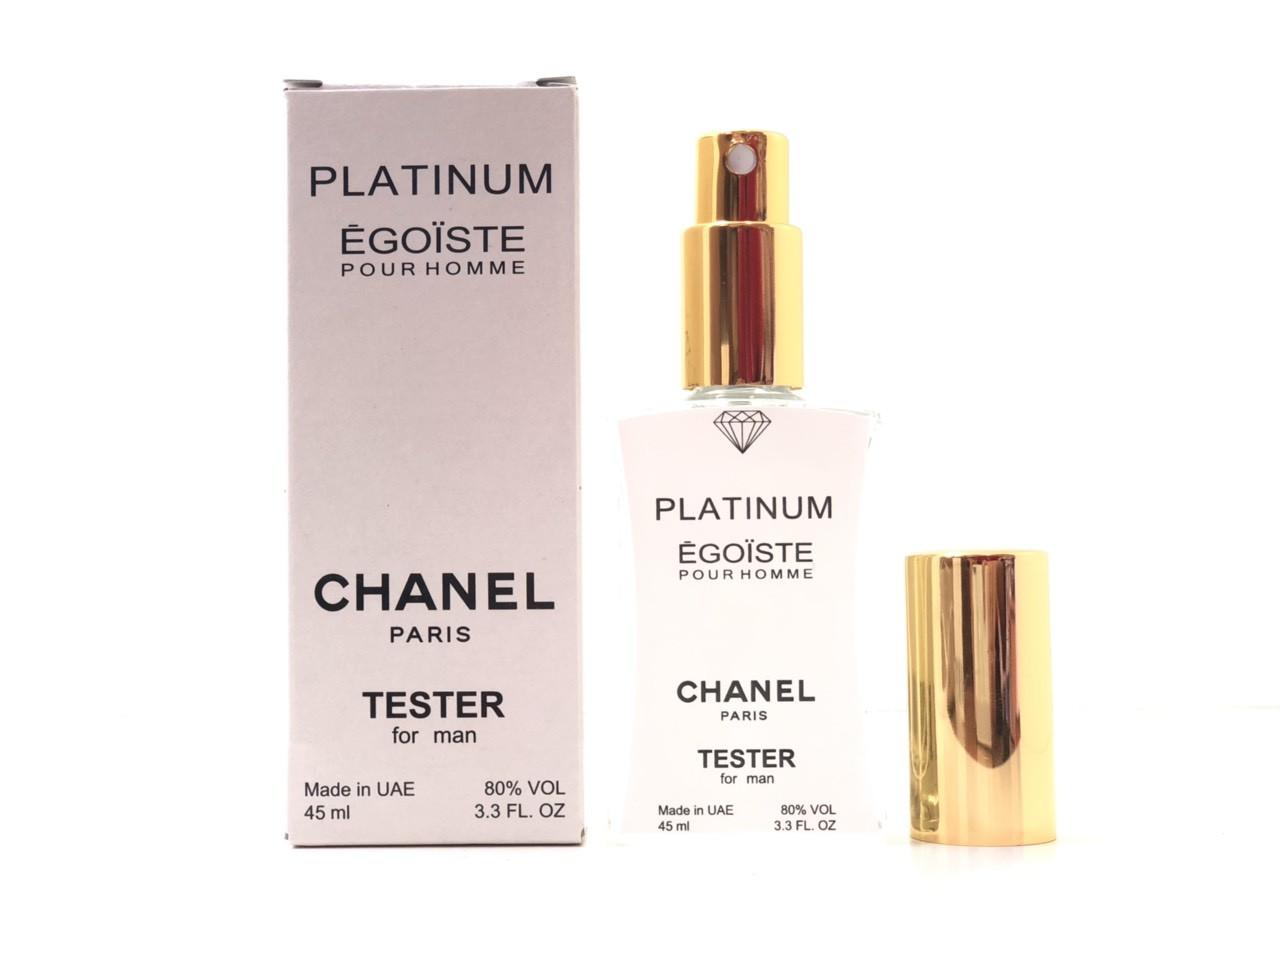 Мужской парфюм Chanel Egoiste Platinum (Шанель Эгоист Платинум) 45 мл Diamond - реплика